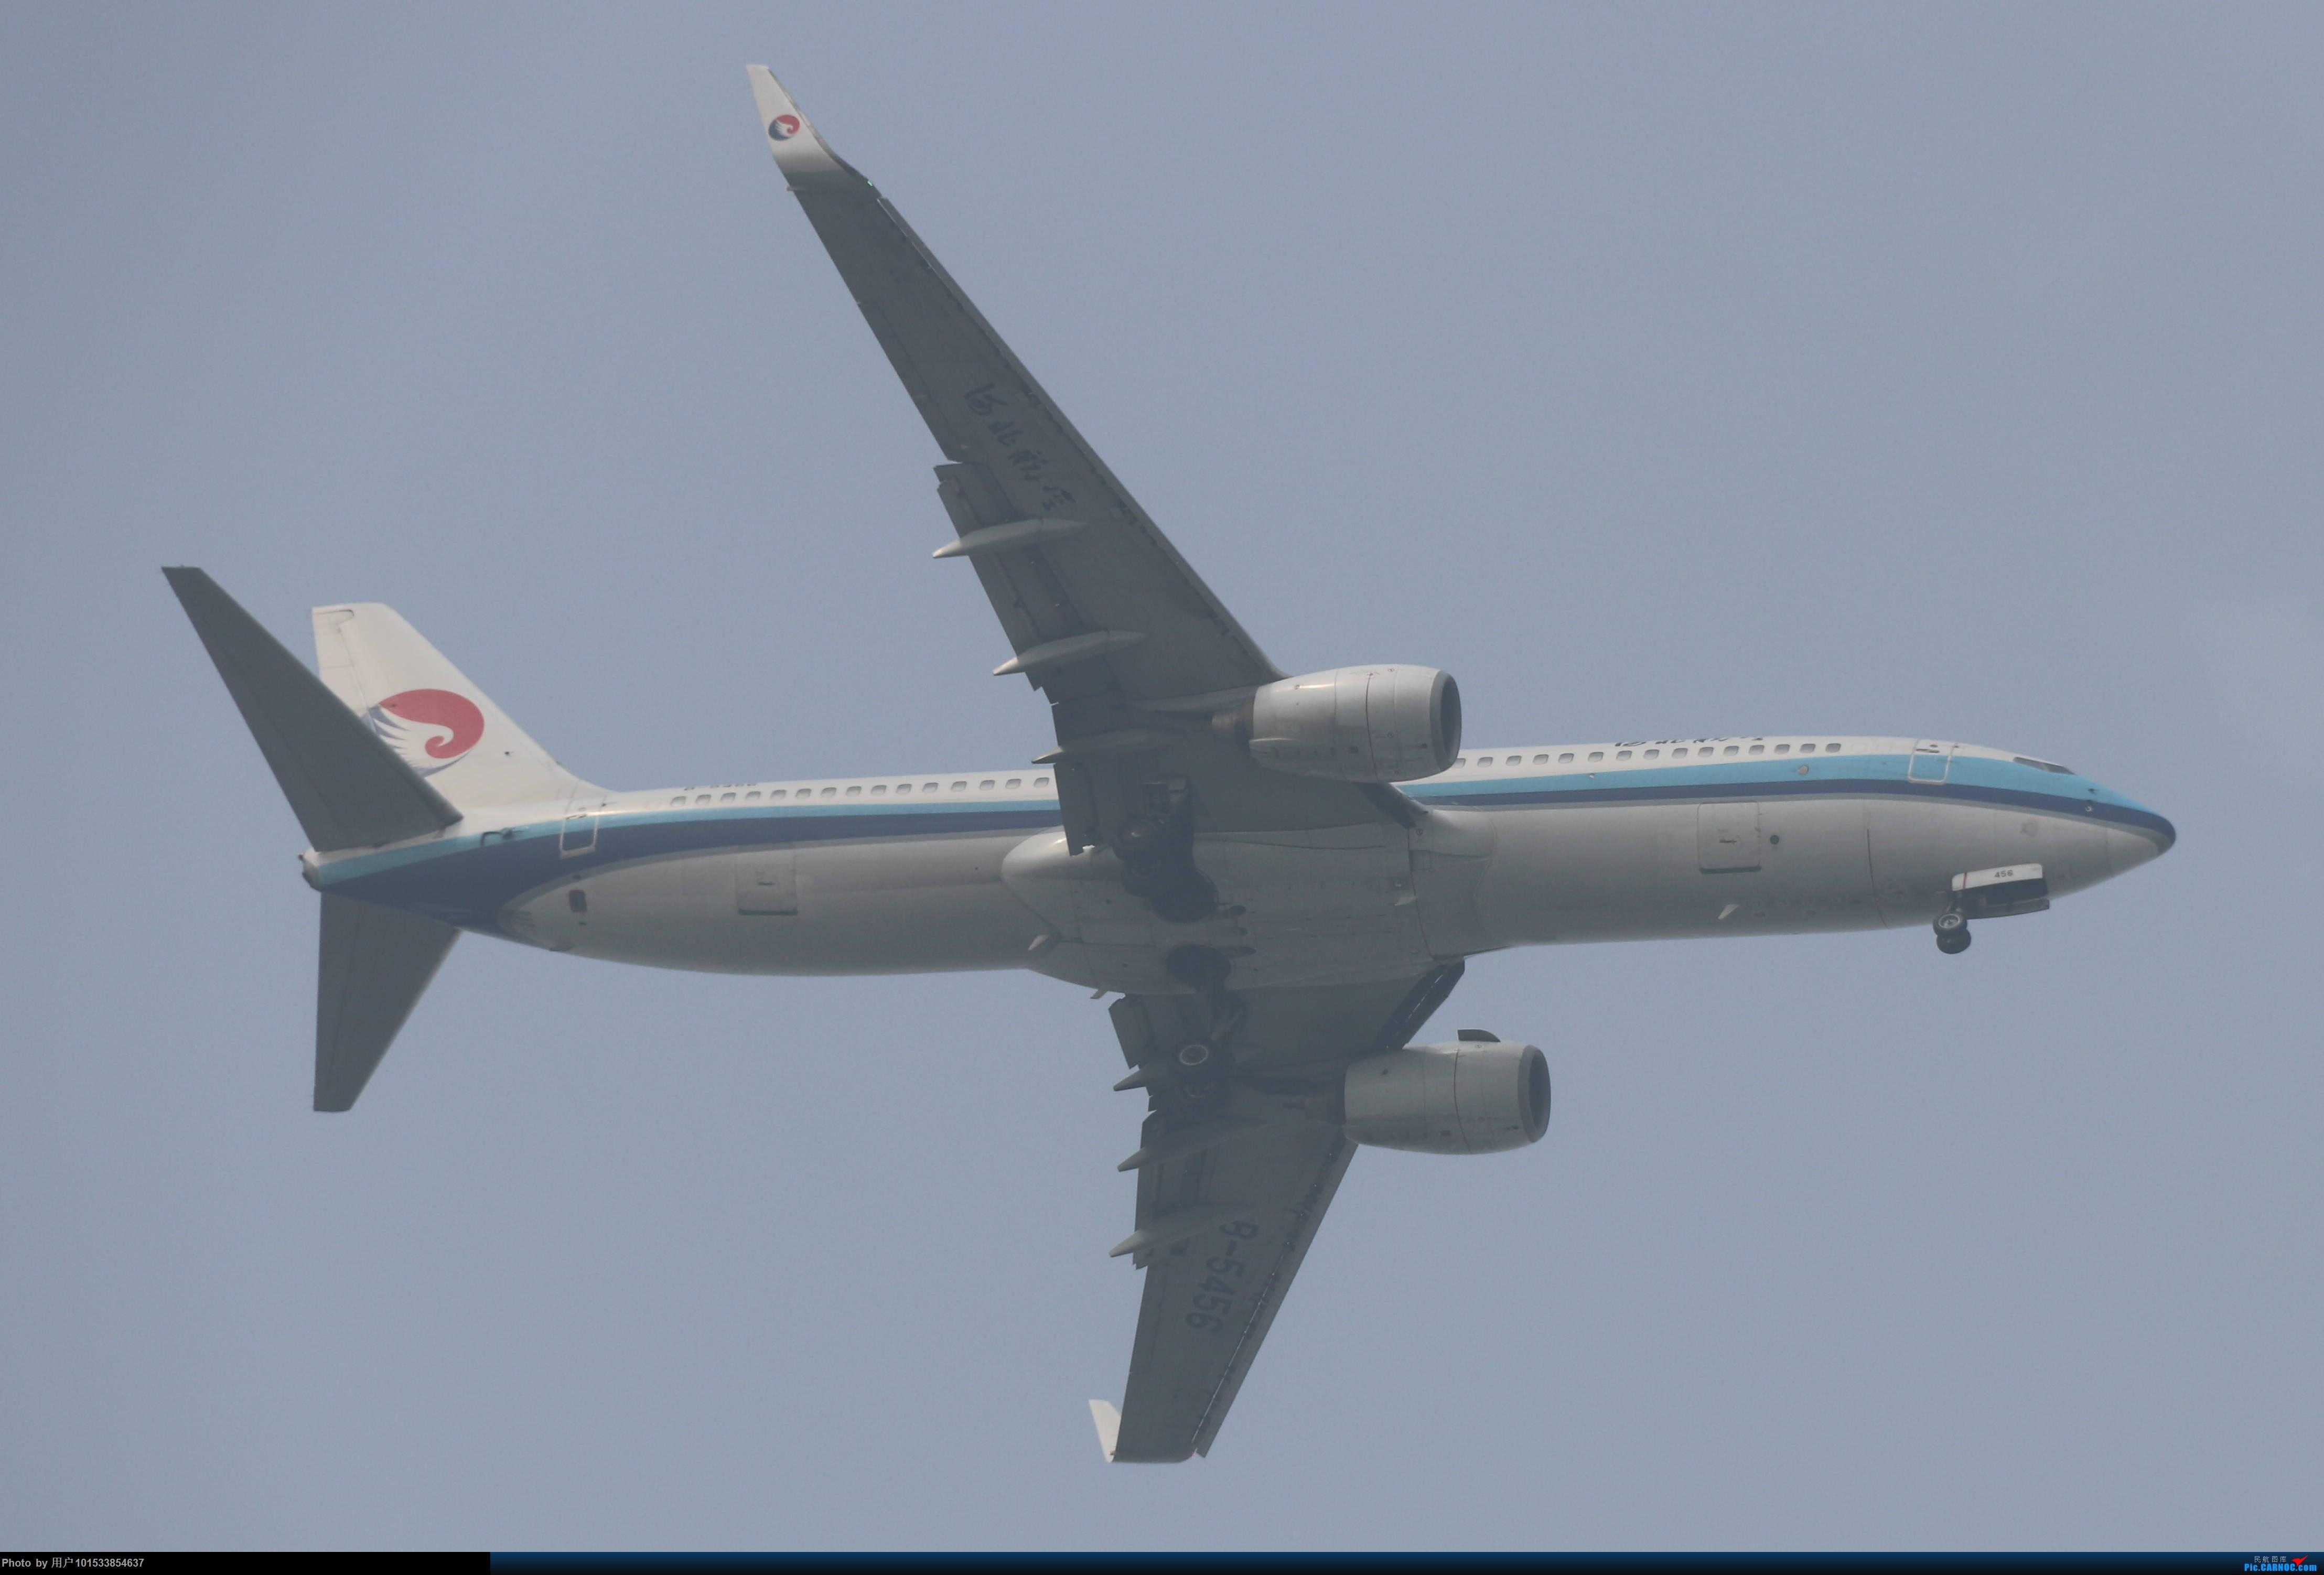 河北航空738降落虹桥机场(B-5456)